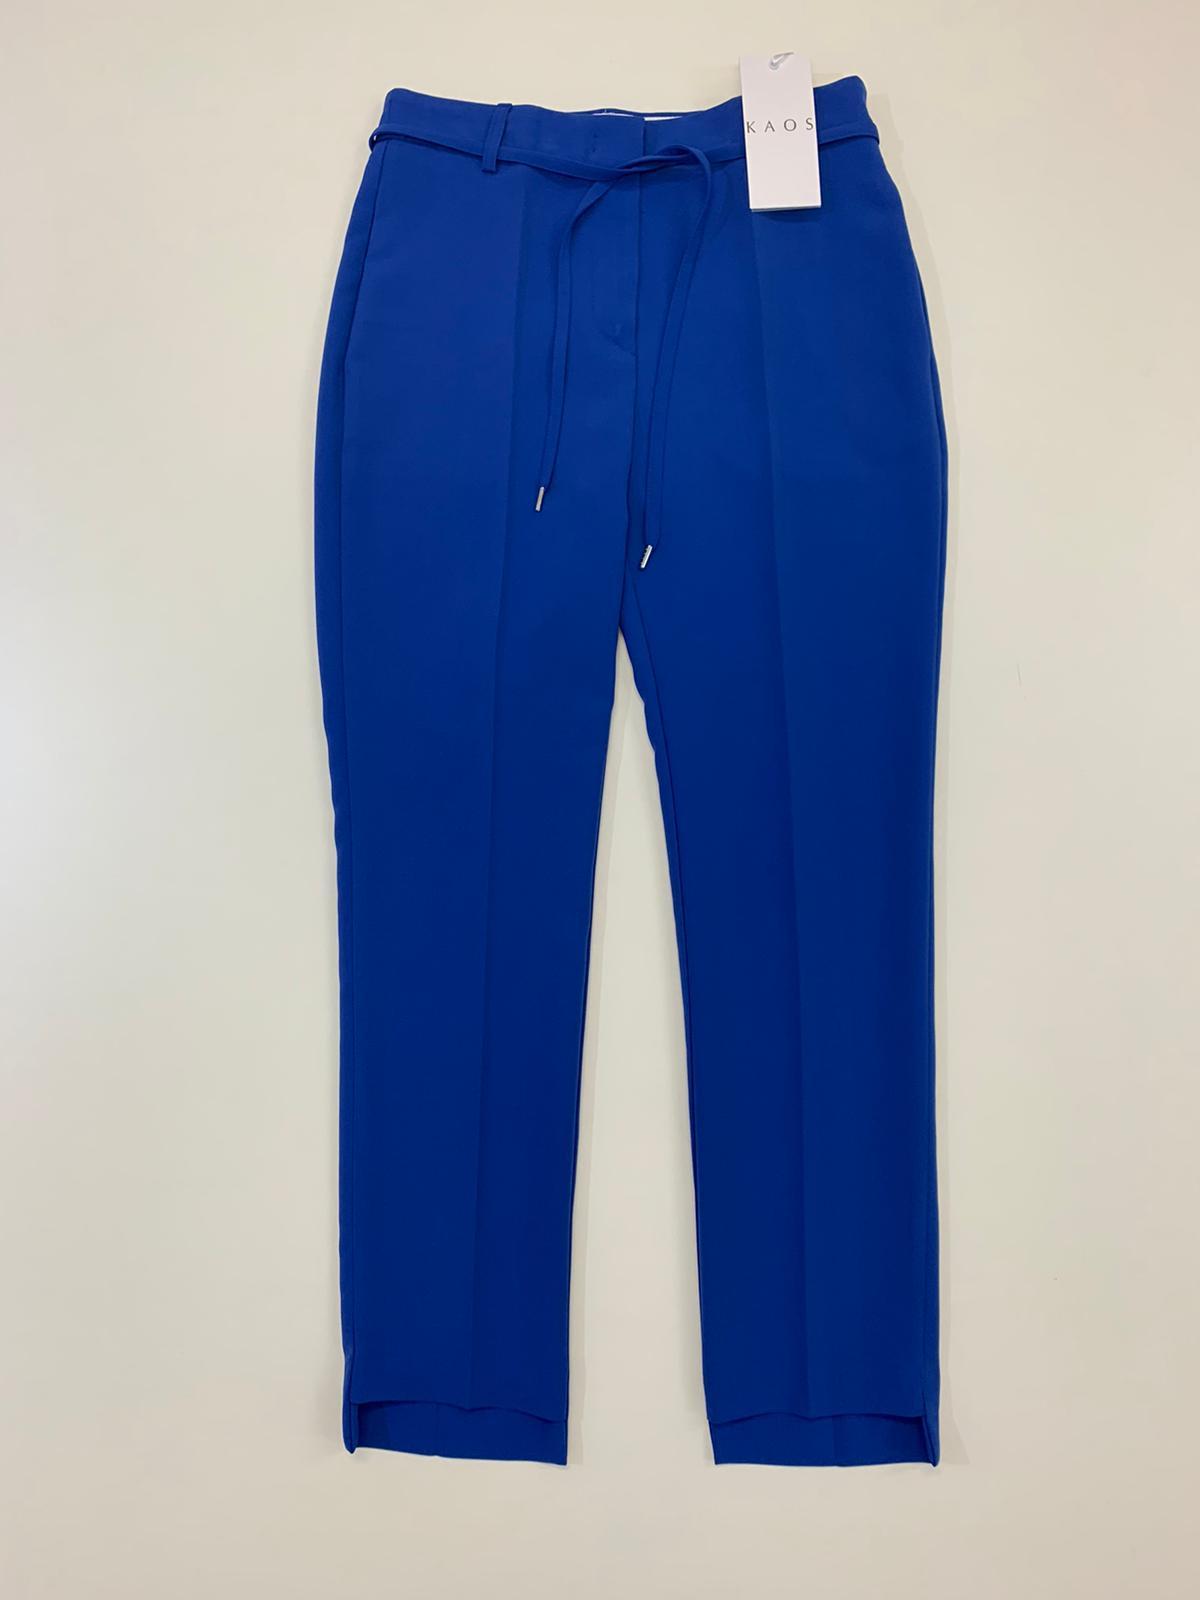 Pantalone Donna Kaos Collection Sigaretta Bluette